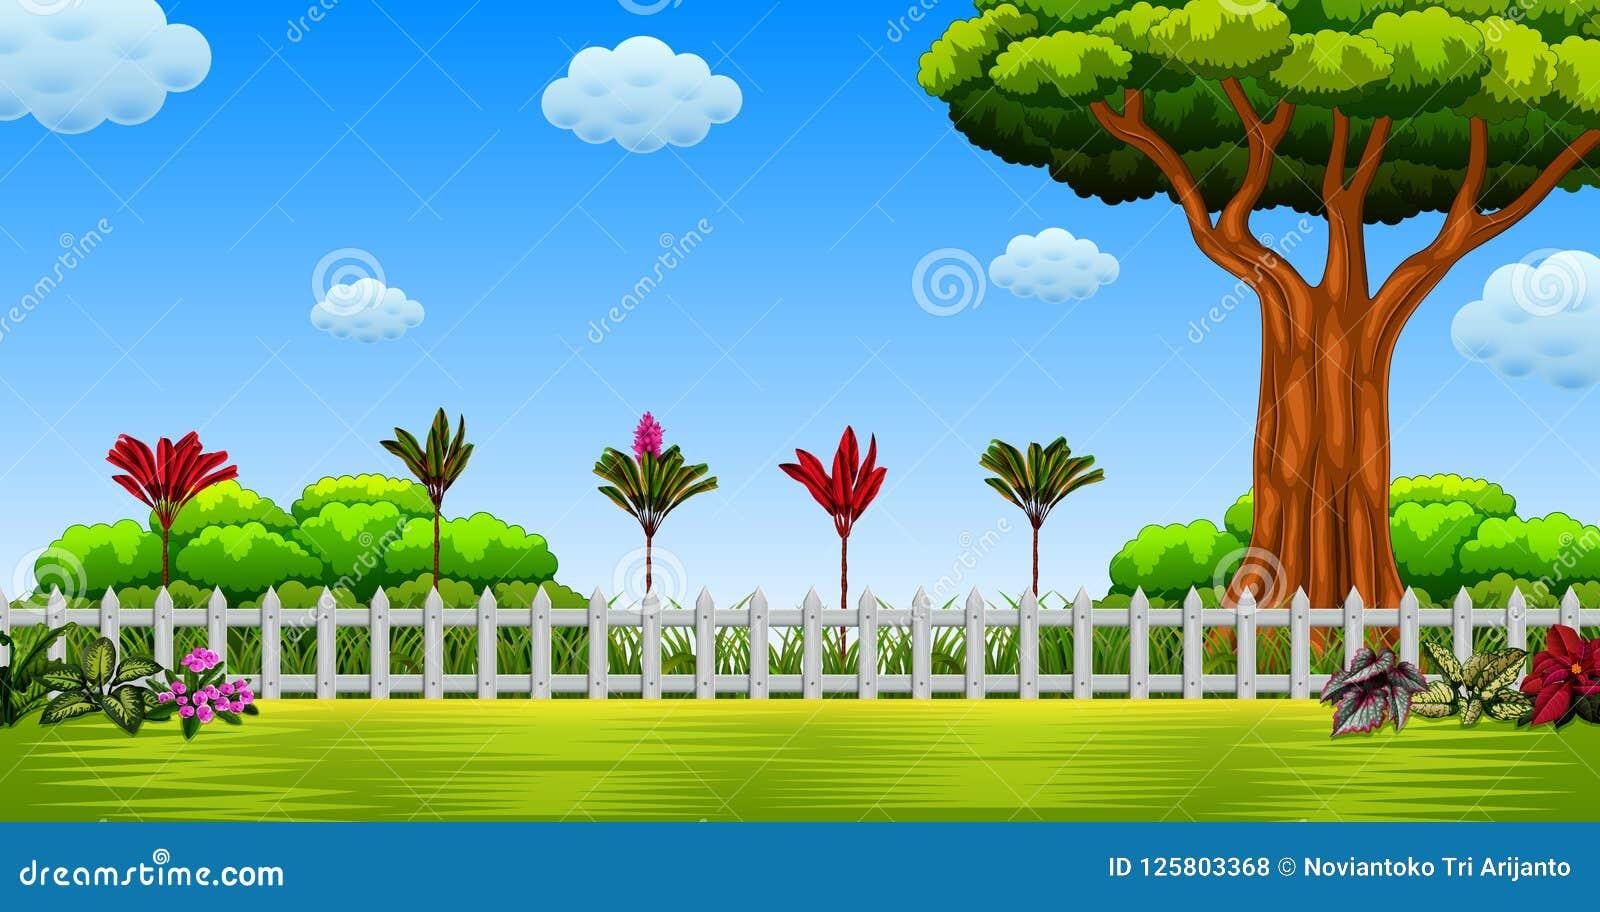 Die schöne Ansicht mit dem großen Baum und dem langen Zaun